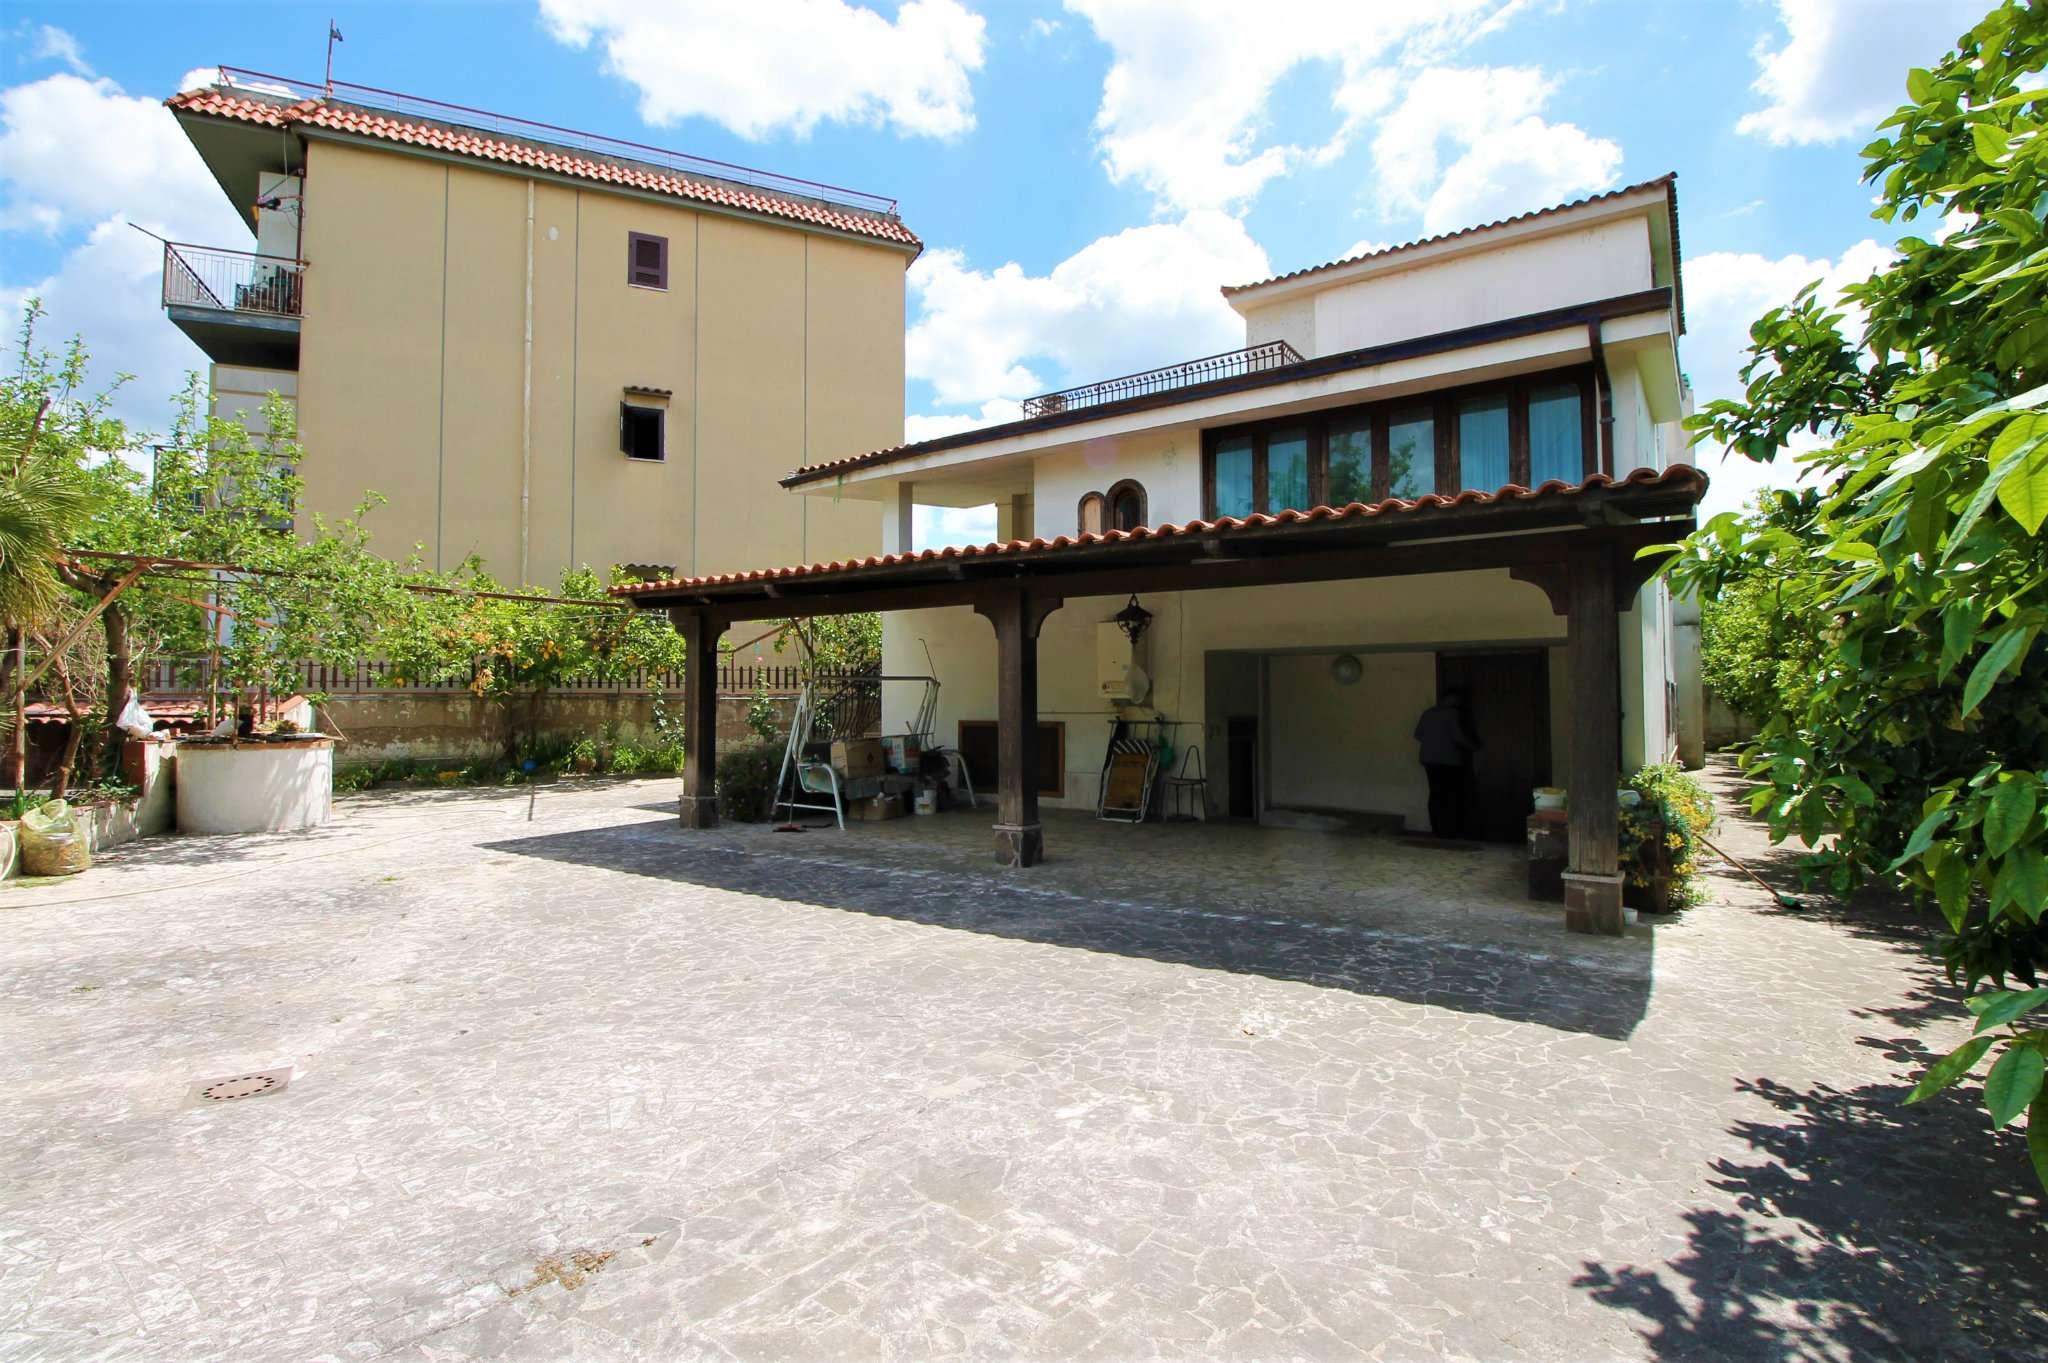 Villa in vendita a Saviano, 5 locali, prezzo € 280.000 | CambioCasa.it